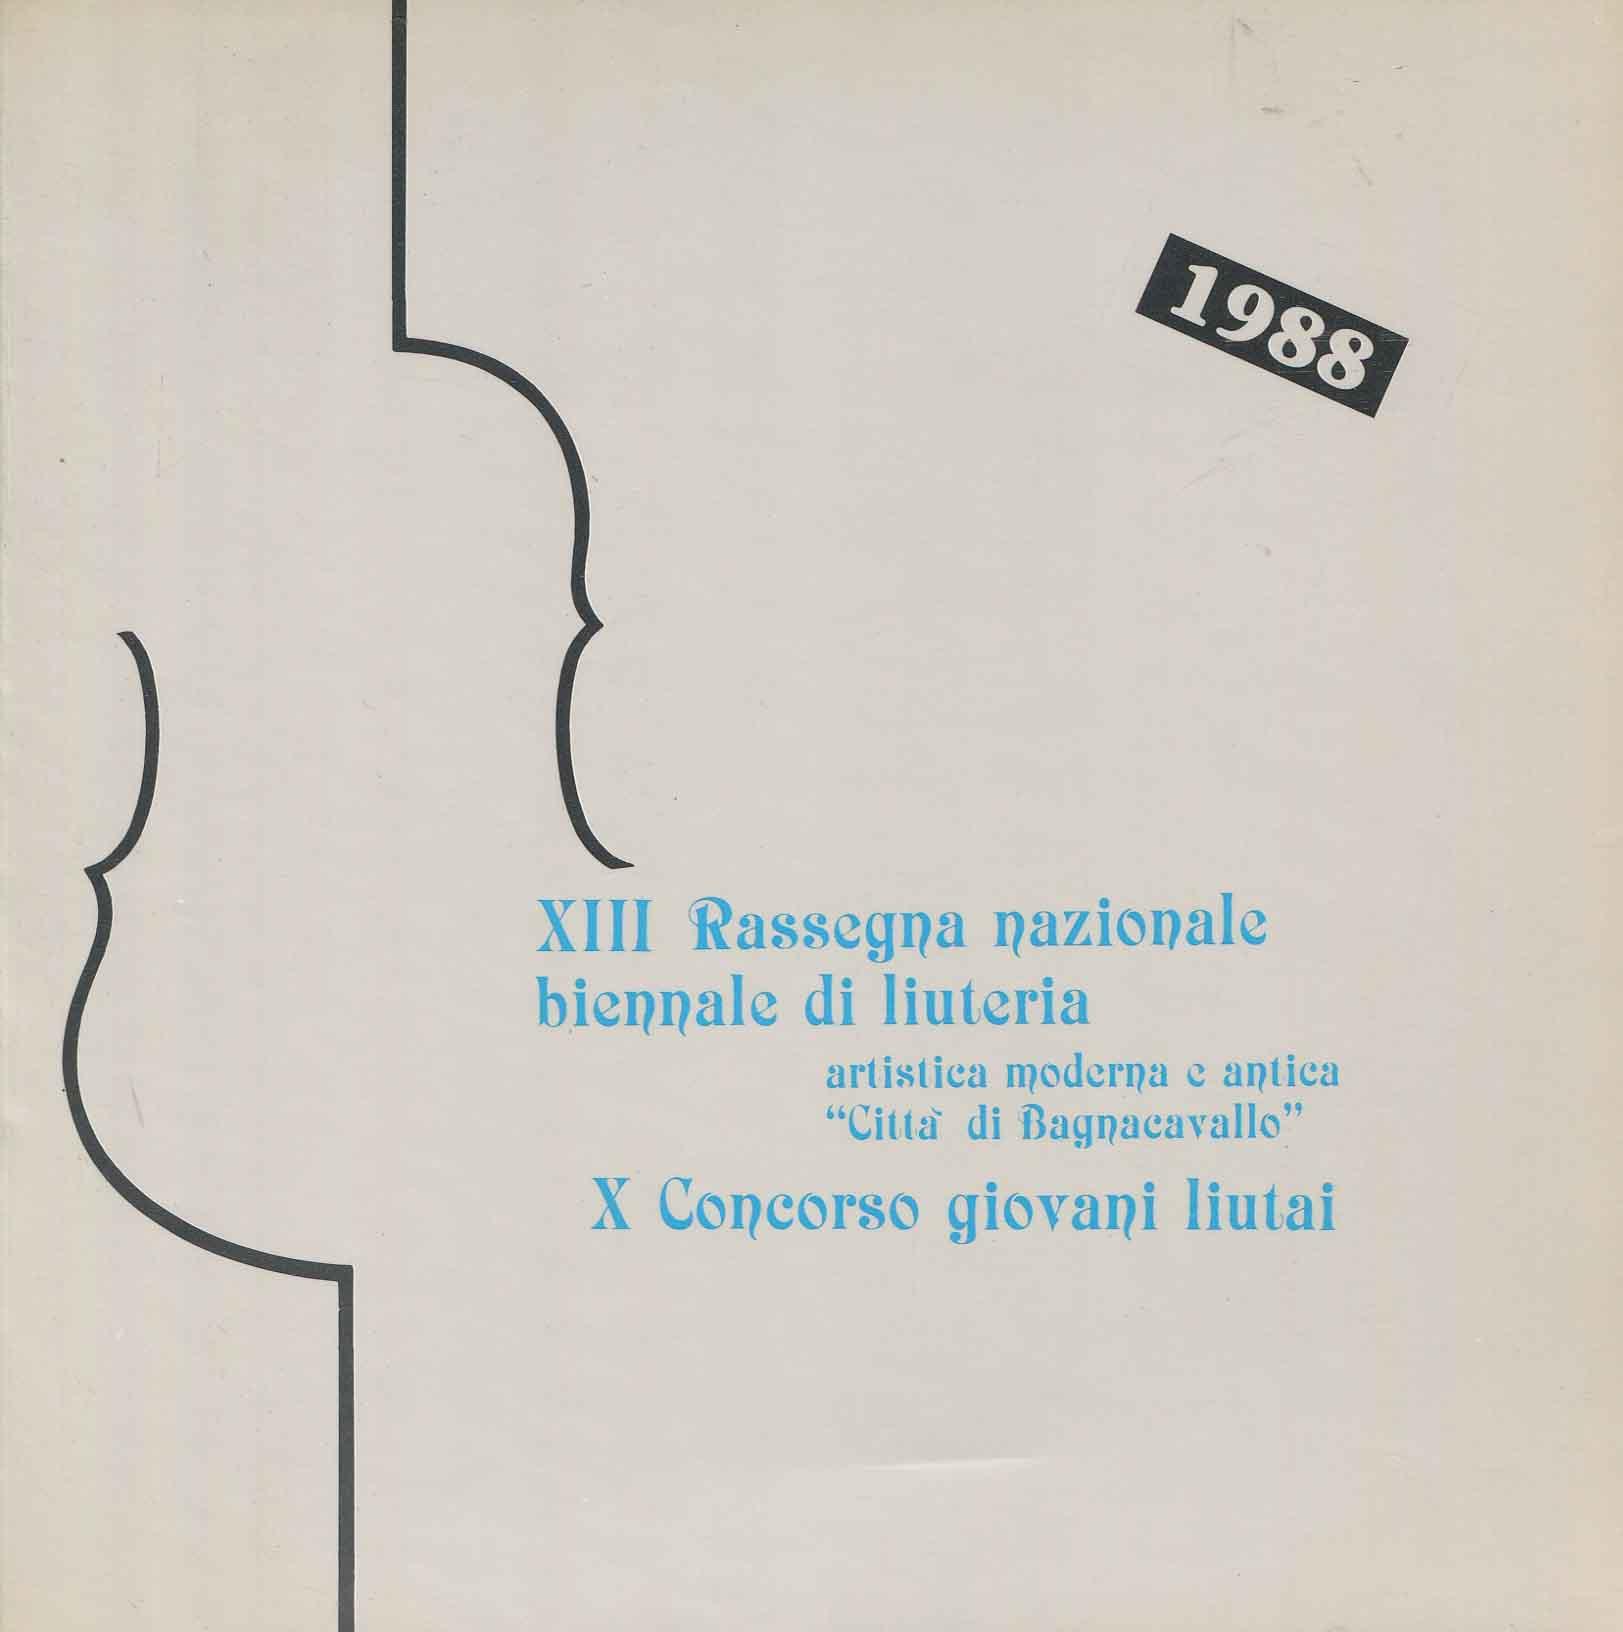 """13. rassegna nazionale biennale di liuteria artistica, moderna e antica """"Citta di Bagnacavallo"""" . 10. concorso giovani liutai"""